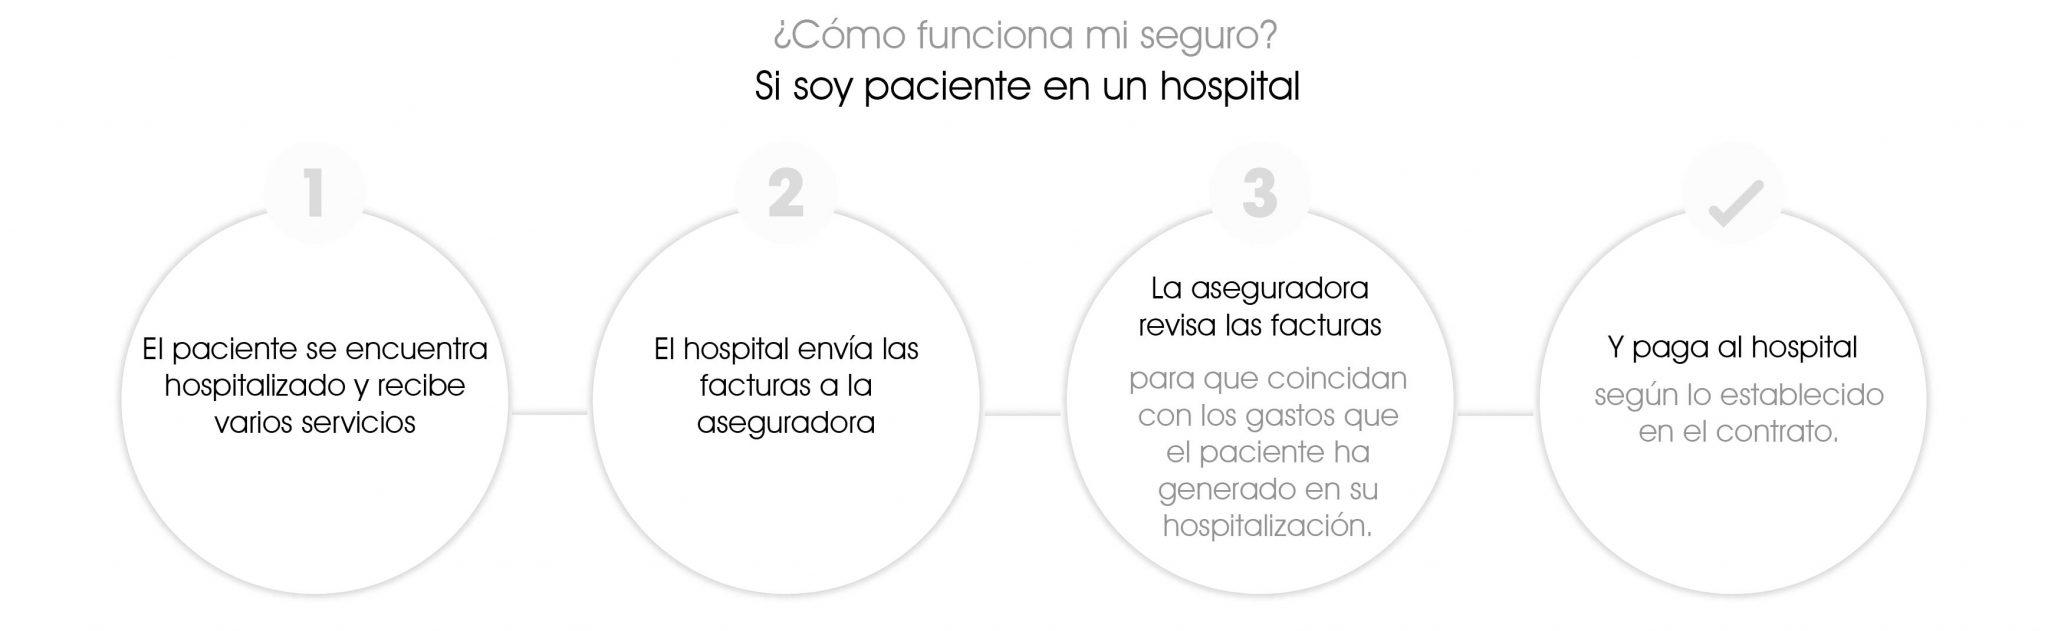 como funciona seguro medico gastos mayores